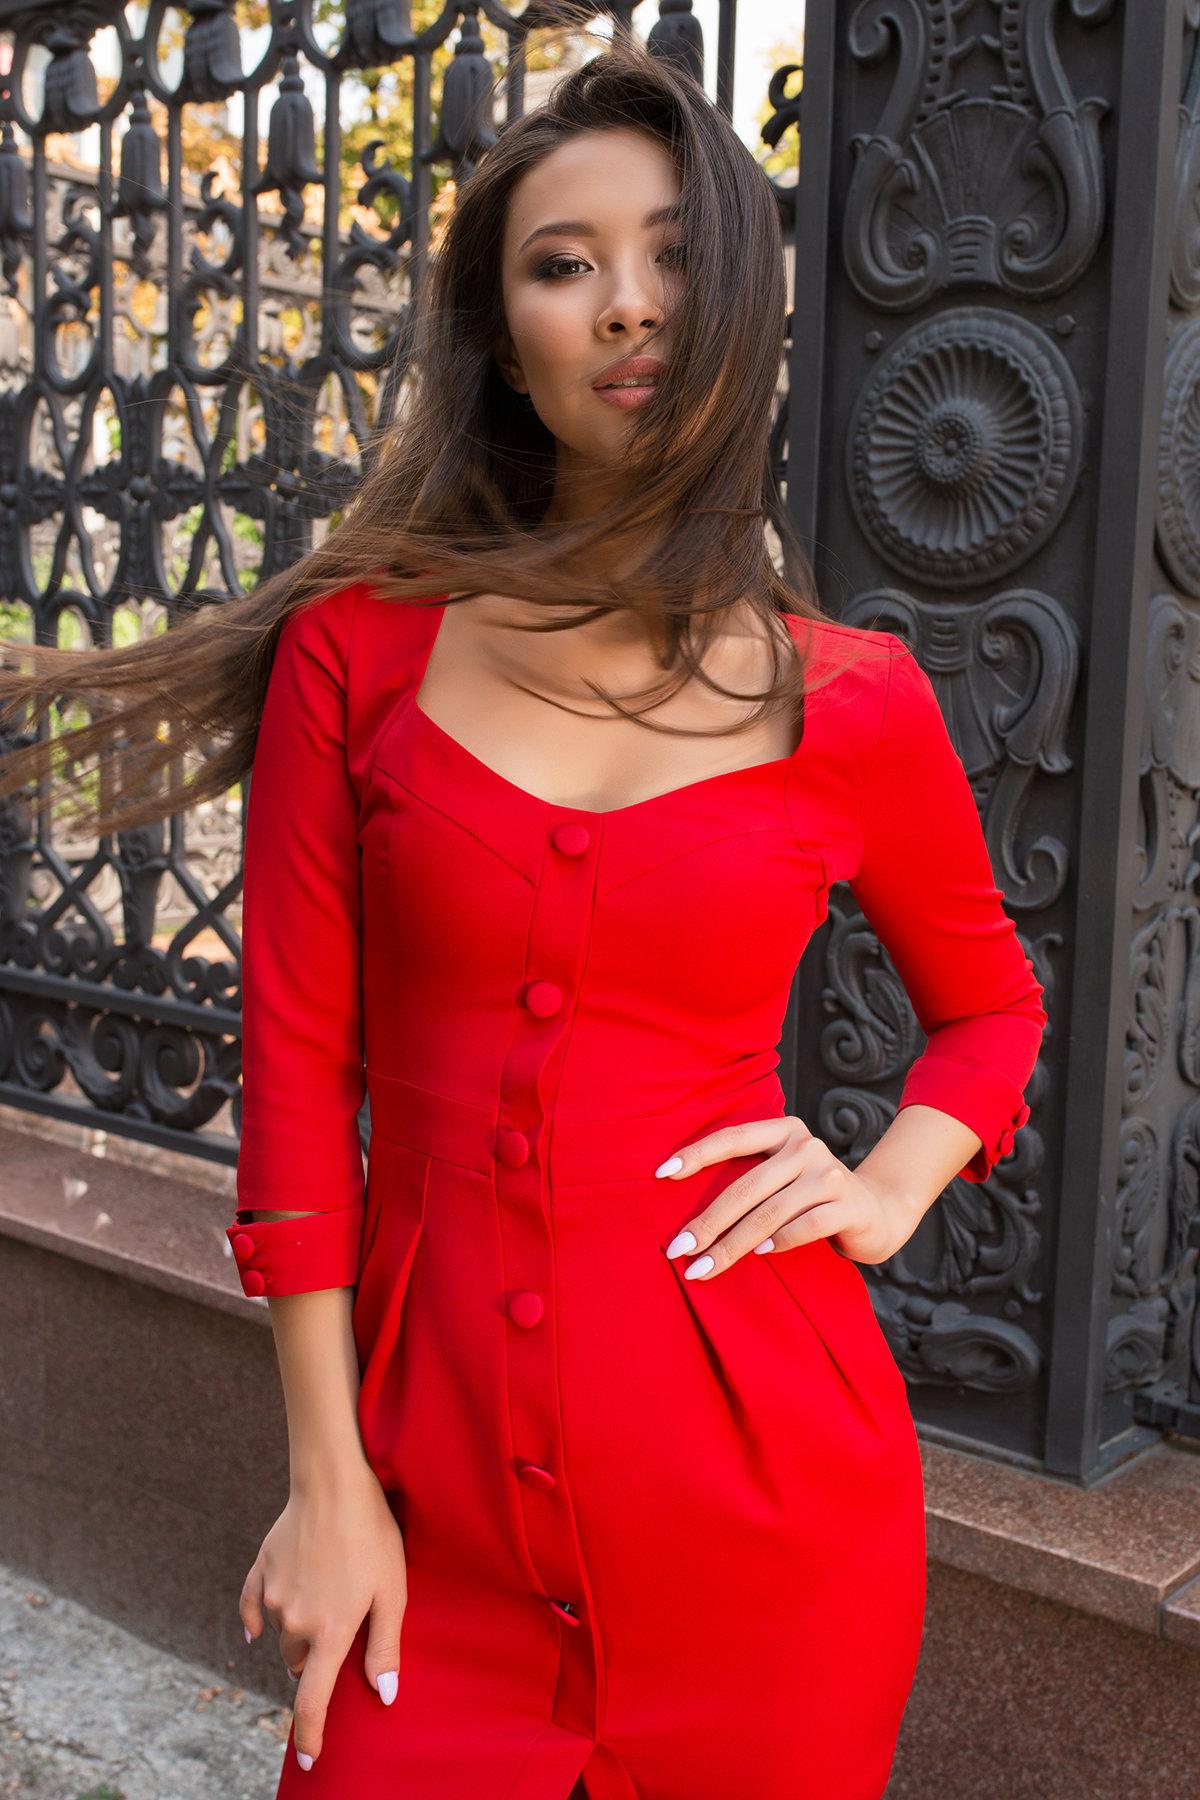 Платье-футляр Прованс 7871 АРТ. 43887 Цвет: Красный - фото 5, интернет магазин tm-modus.ru